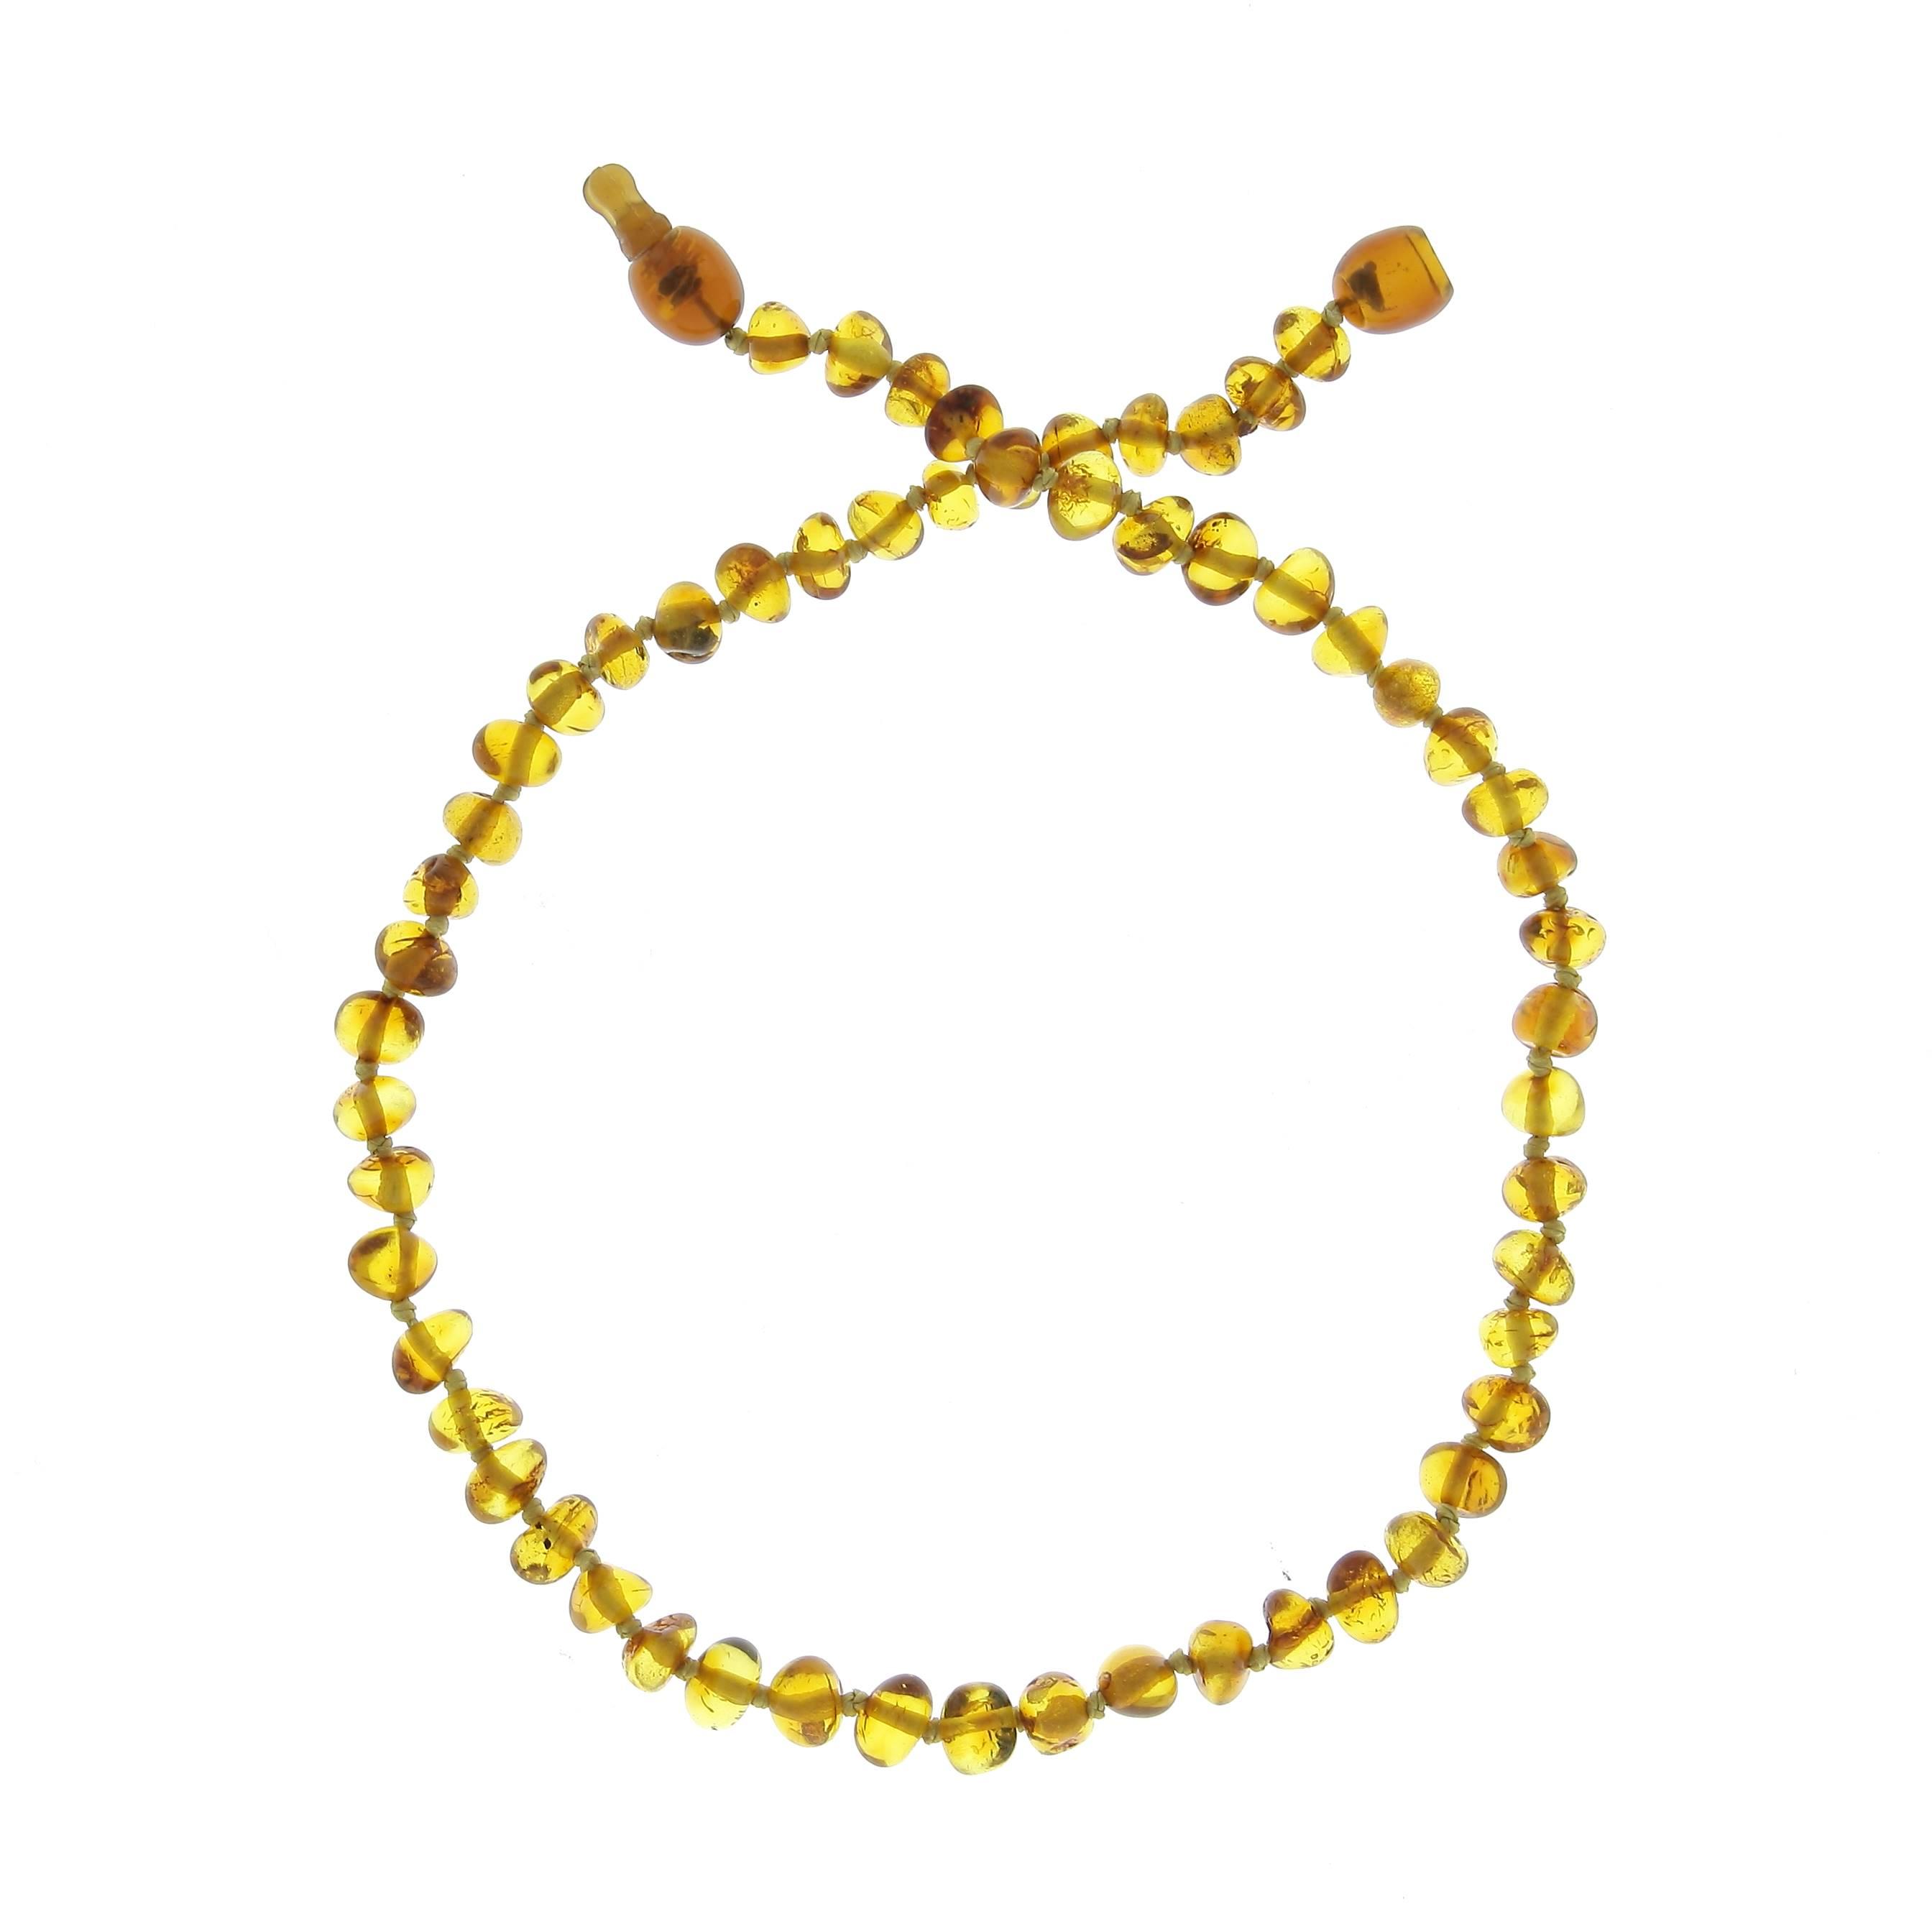 5db8b7228a0 Collier d ambre enfant - Clip - Miel - Baltic Way